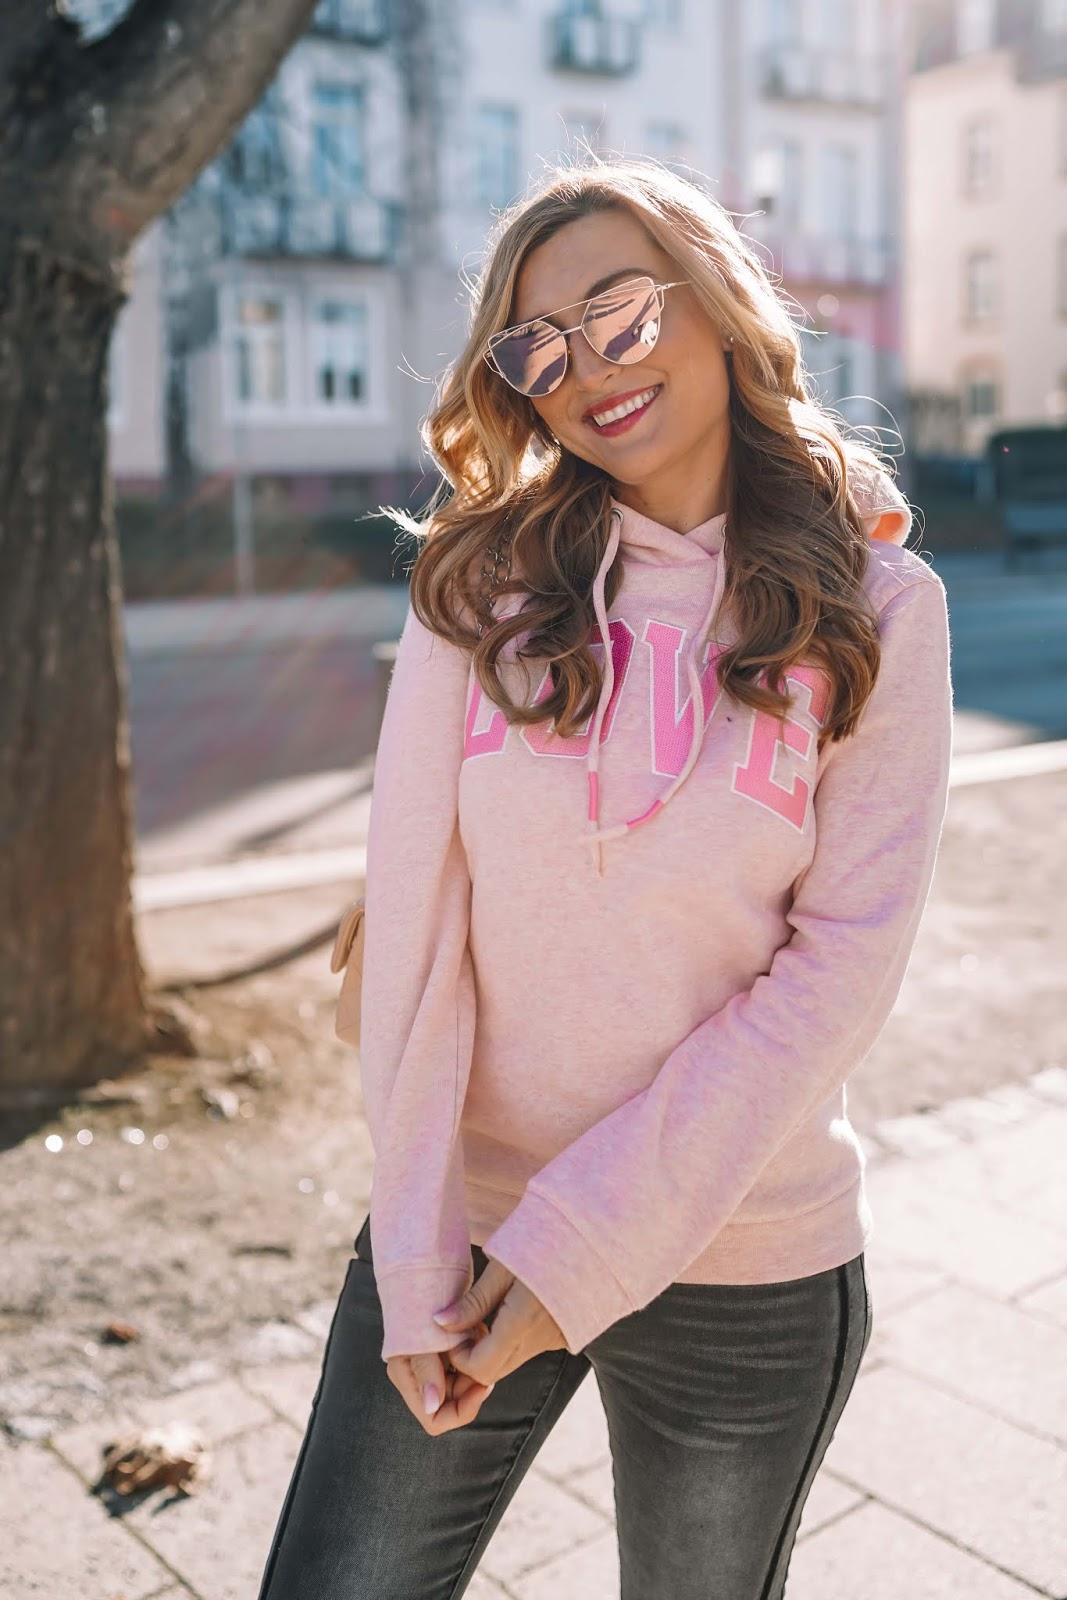 wie kann man eine verspiegelte Sonnenbrille anziehen